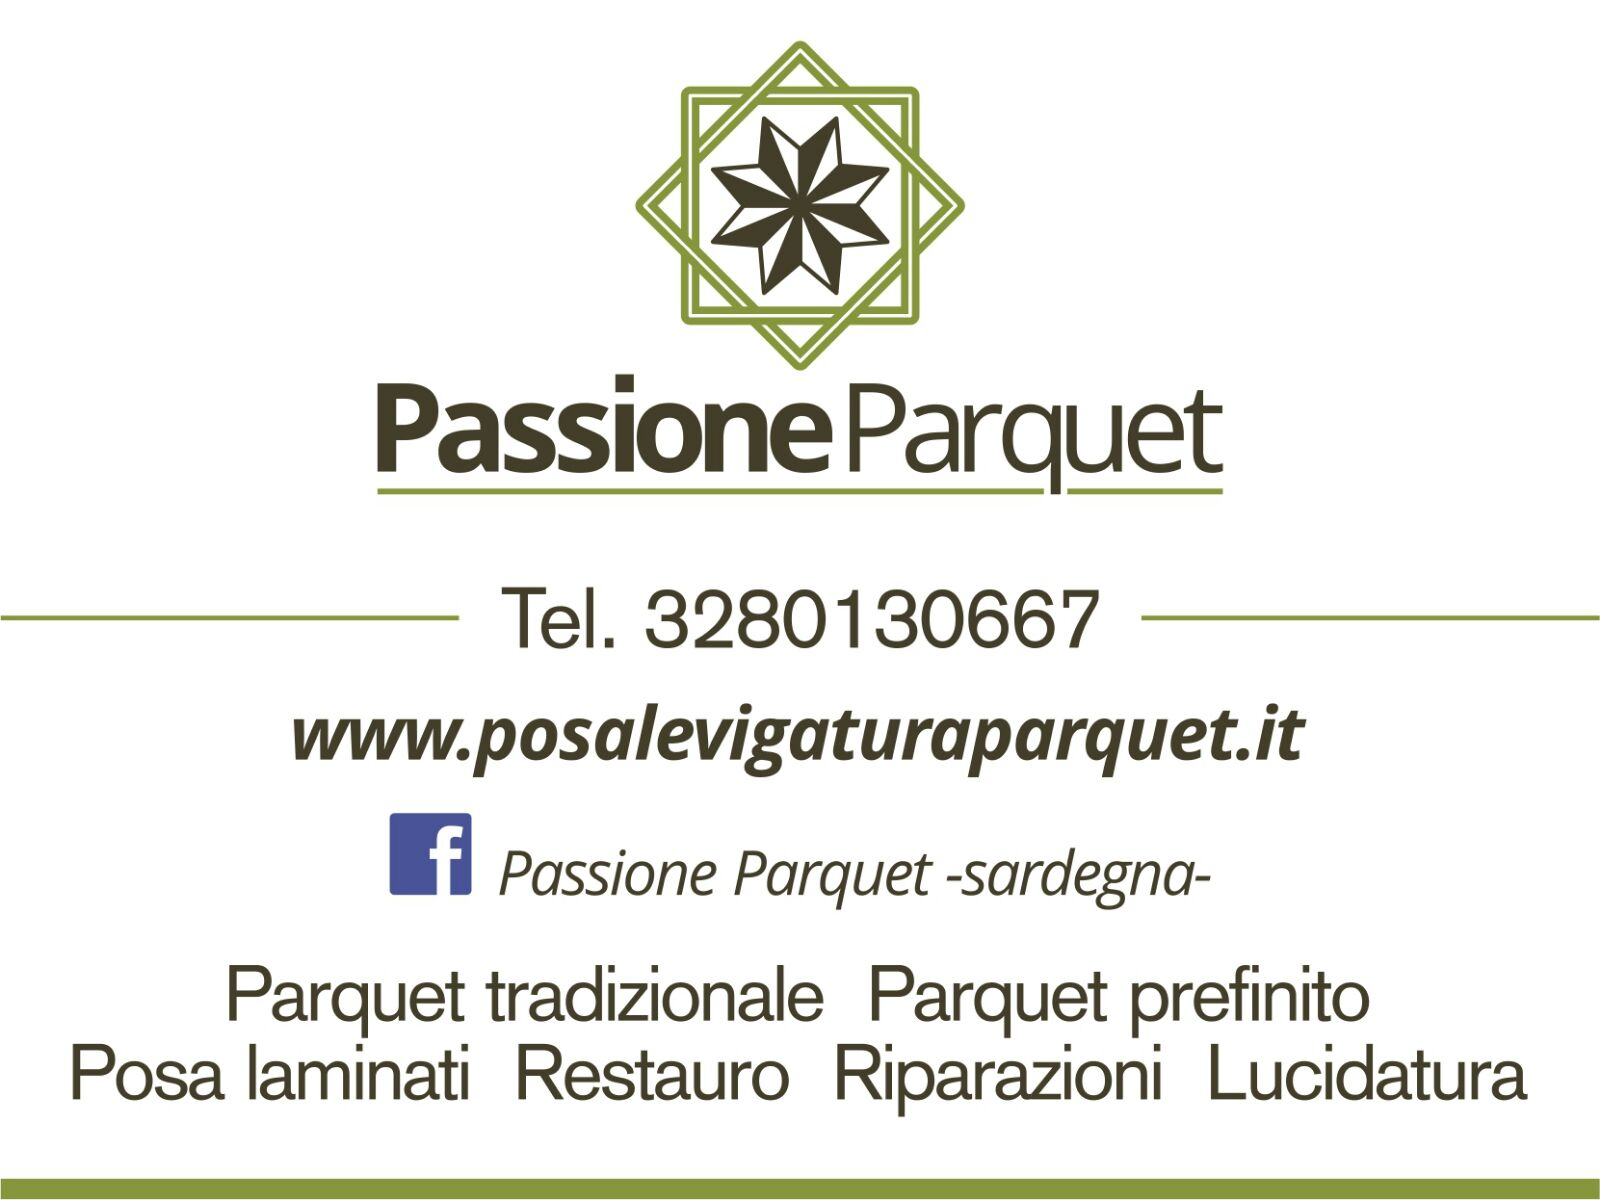 Ditta Passione Parquet Cagliari